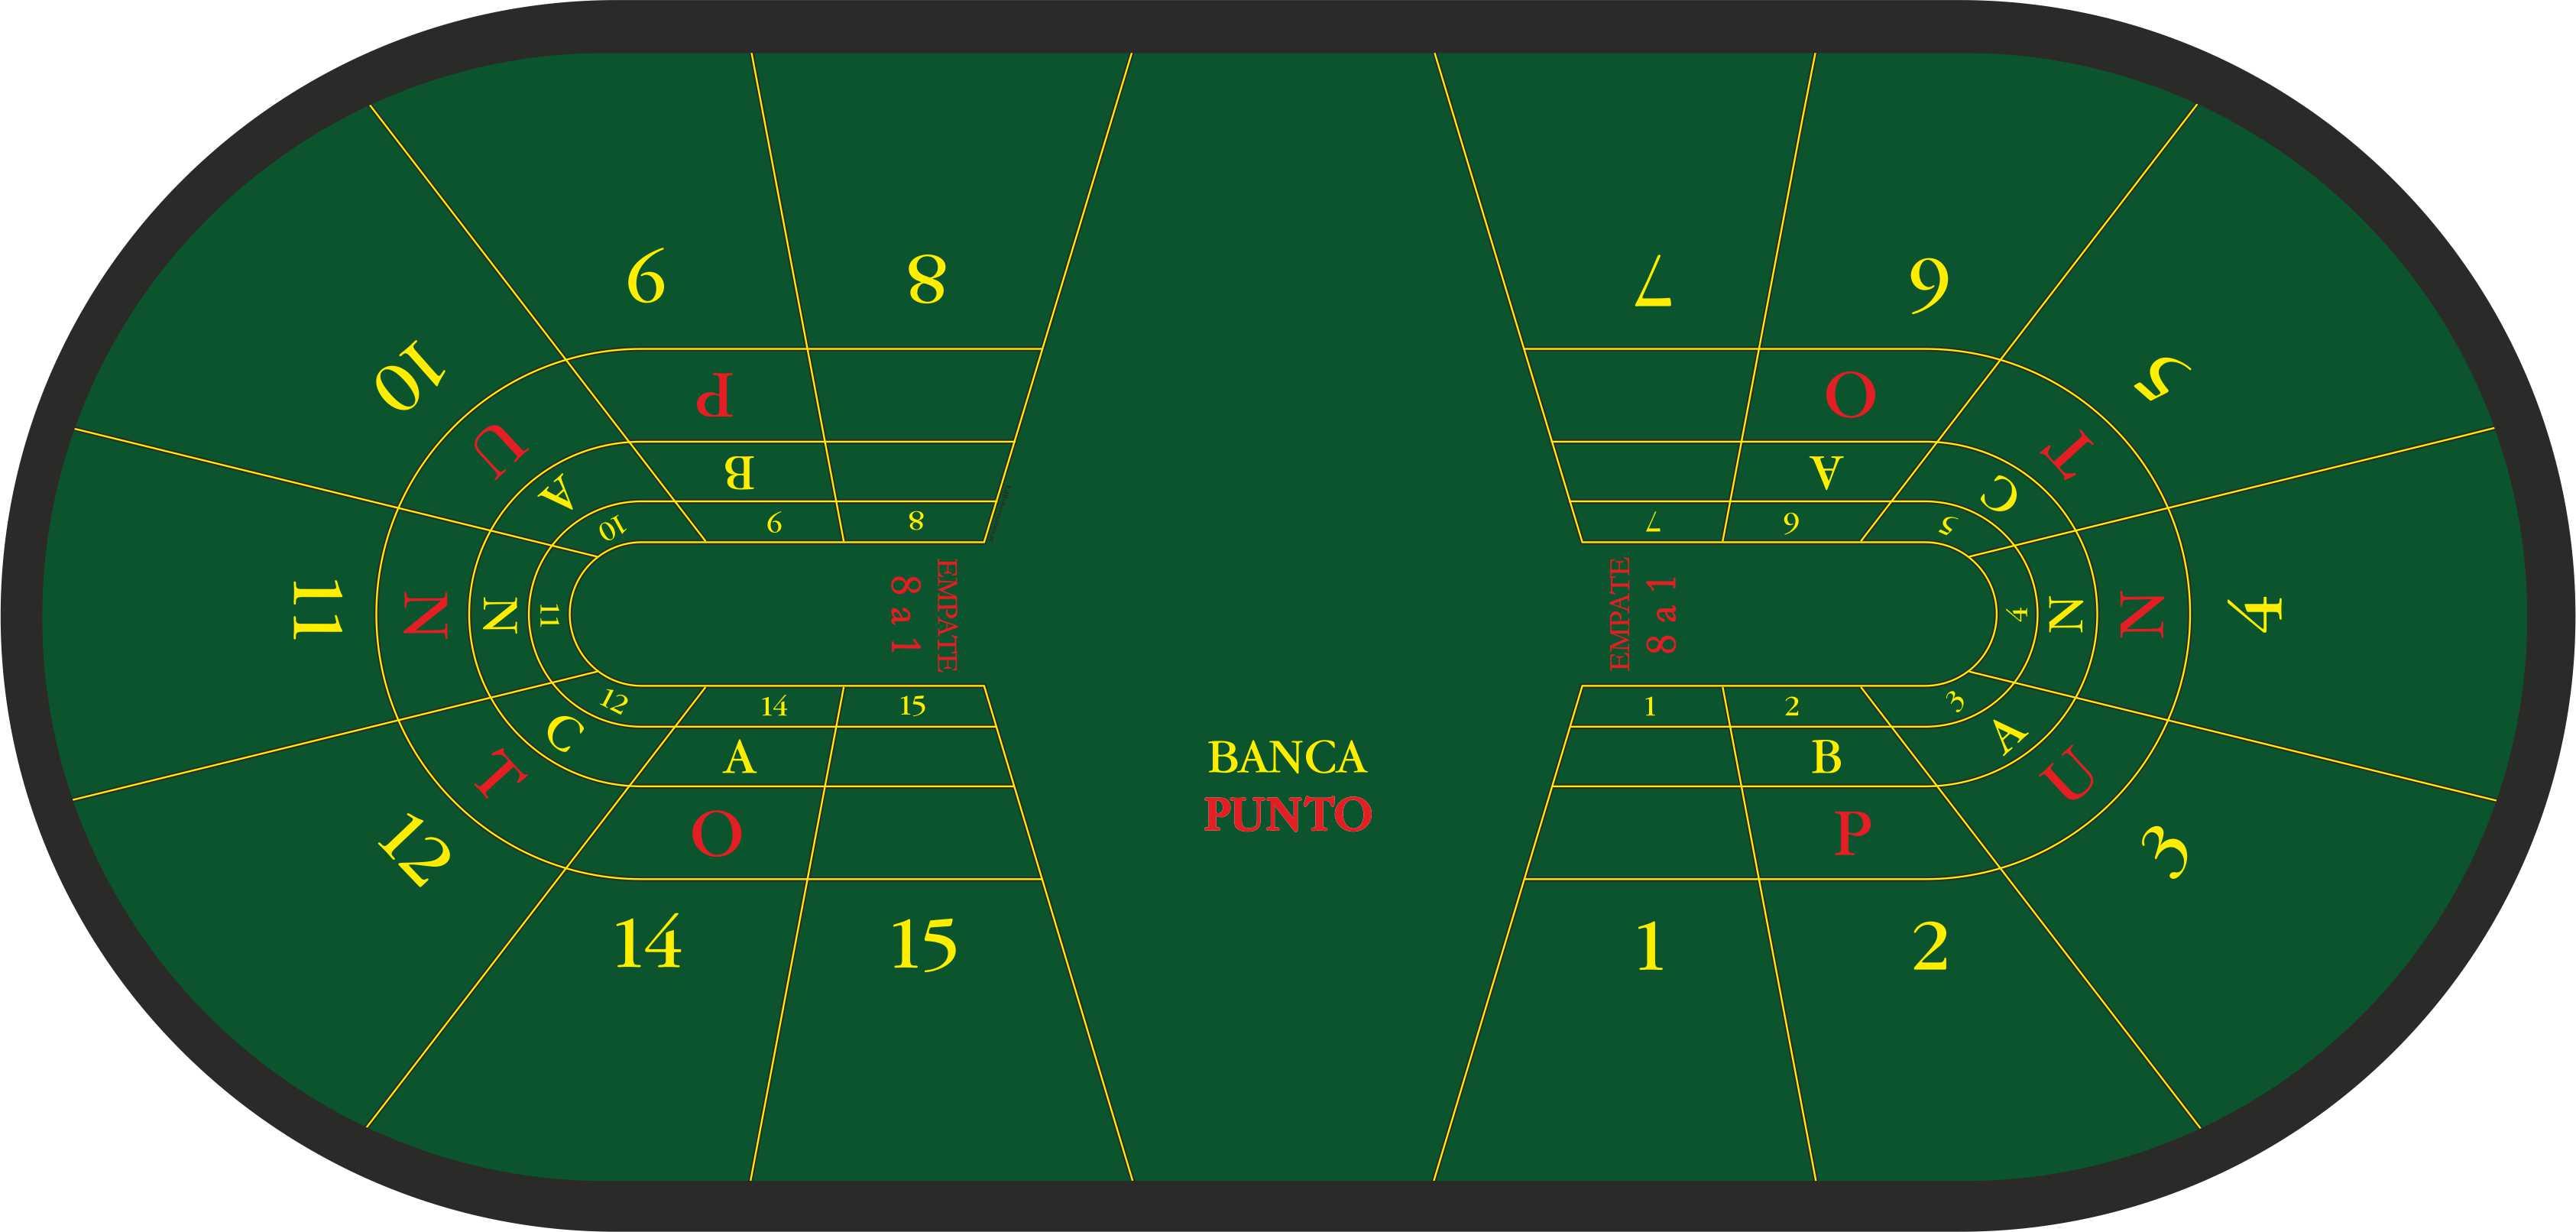 Punto y Banca 15 jugadores 2